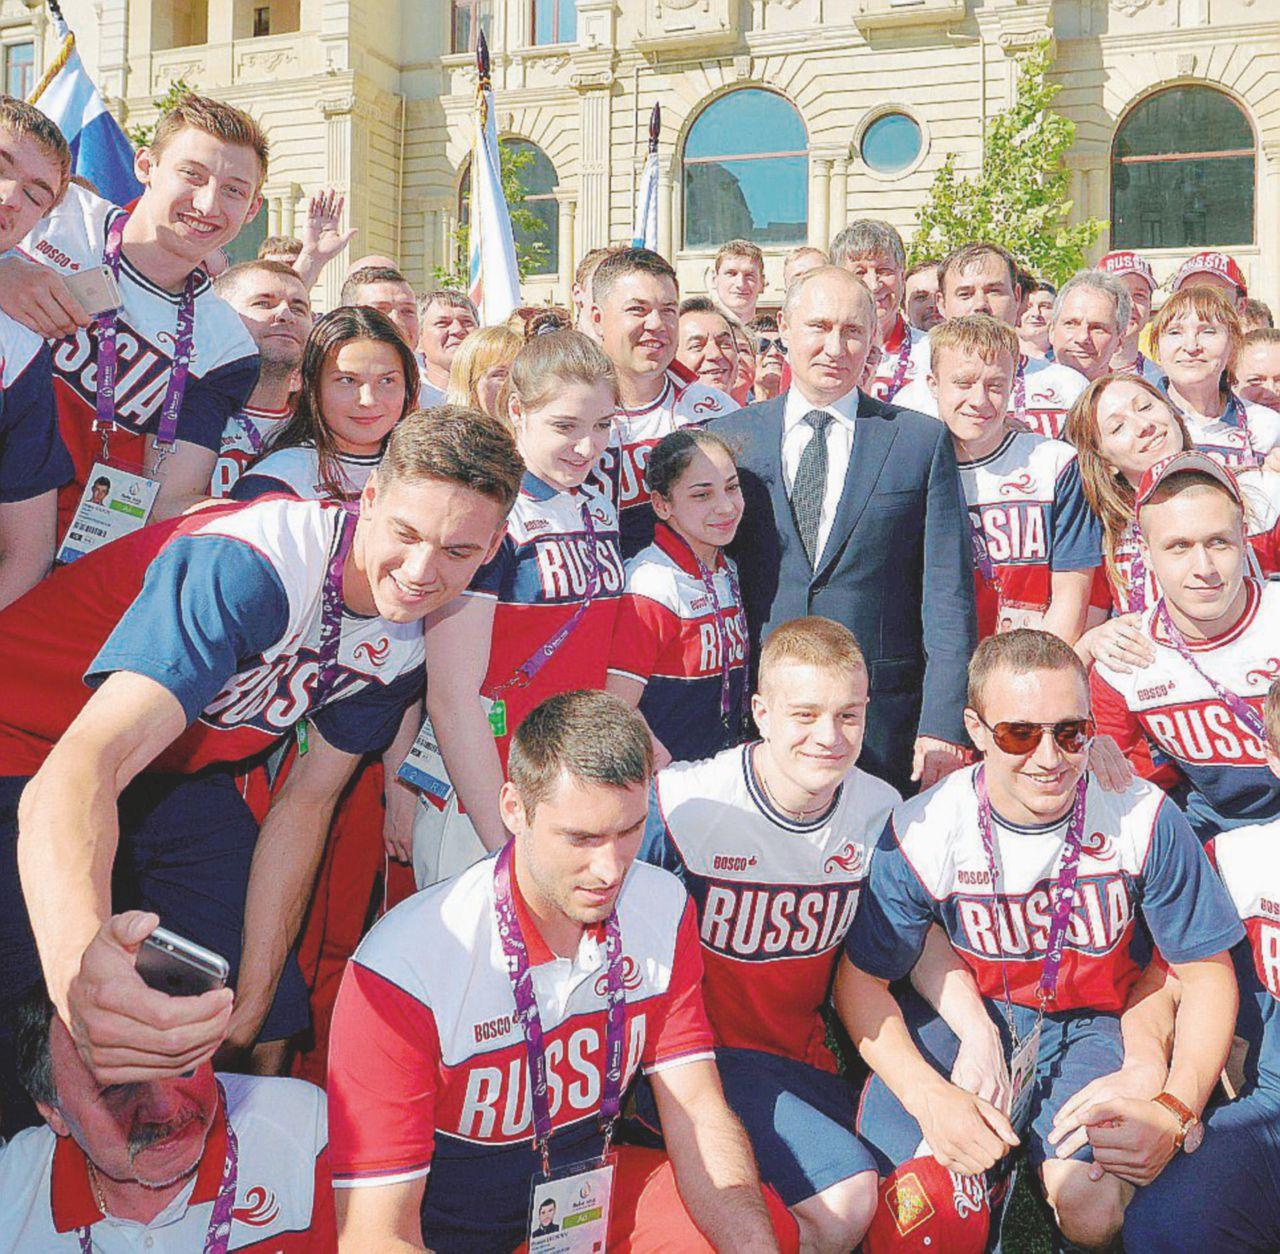 Doping di Stato e sanzioni. Obama punzecchia Putin